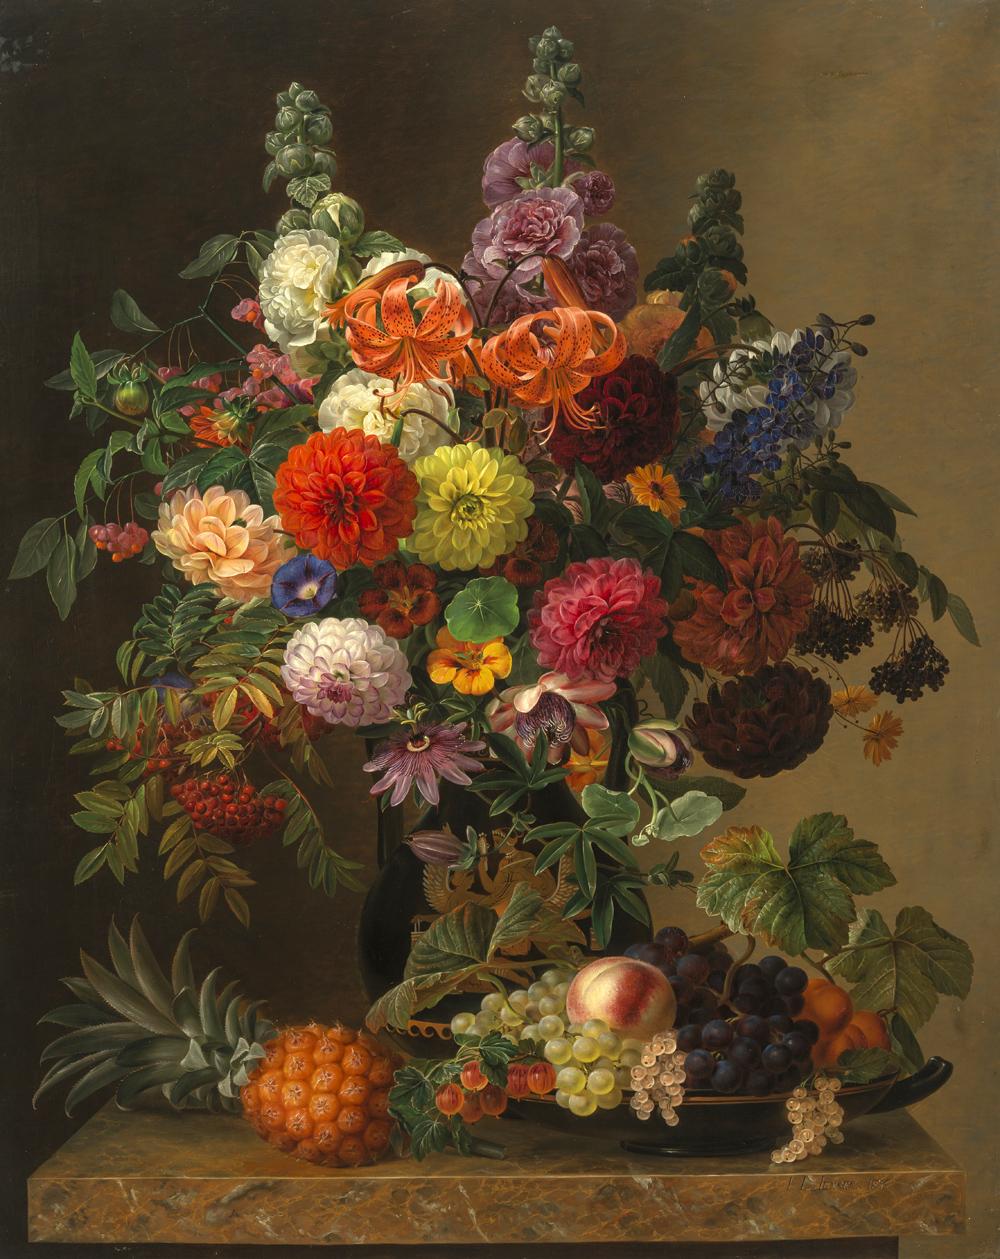 J.L._Jensen_Opstilling_med_blomster_og_frugt_1836_Landesmuseum_fur_Kunst_und_Kulturgeschichte_Oldenburg.jpg